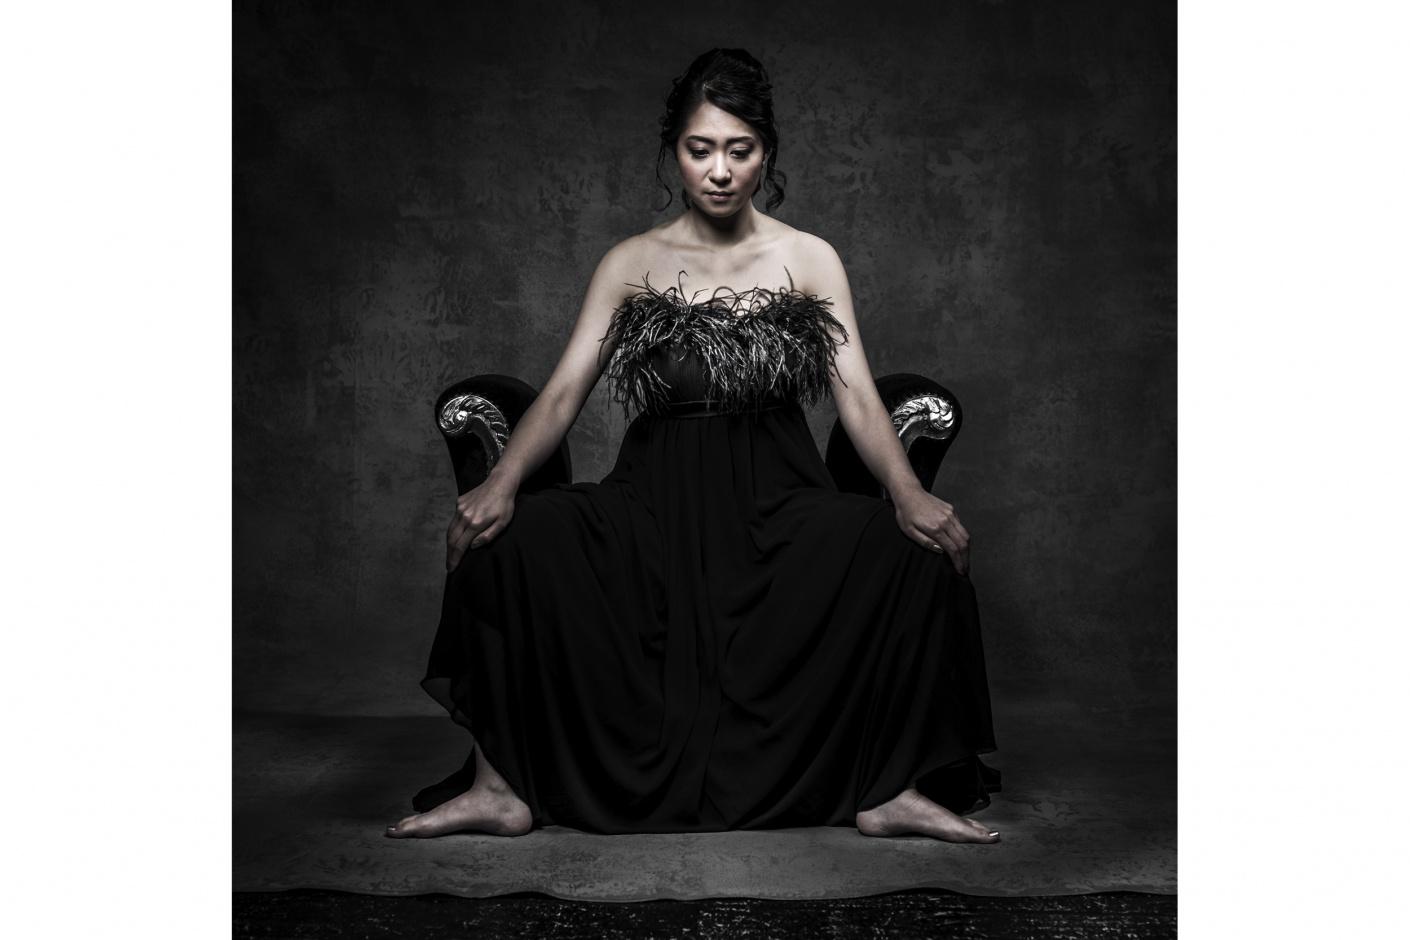 Michelle Wong Jelle Pieter de Boer Photography